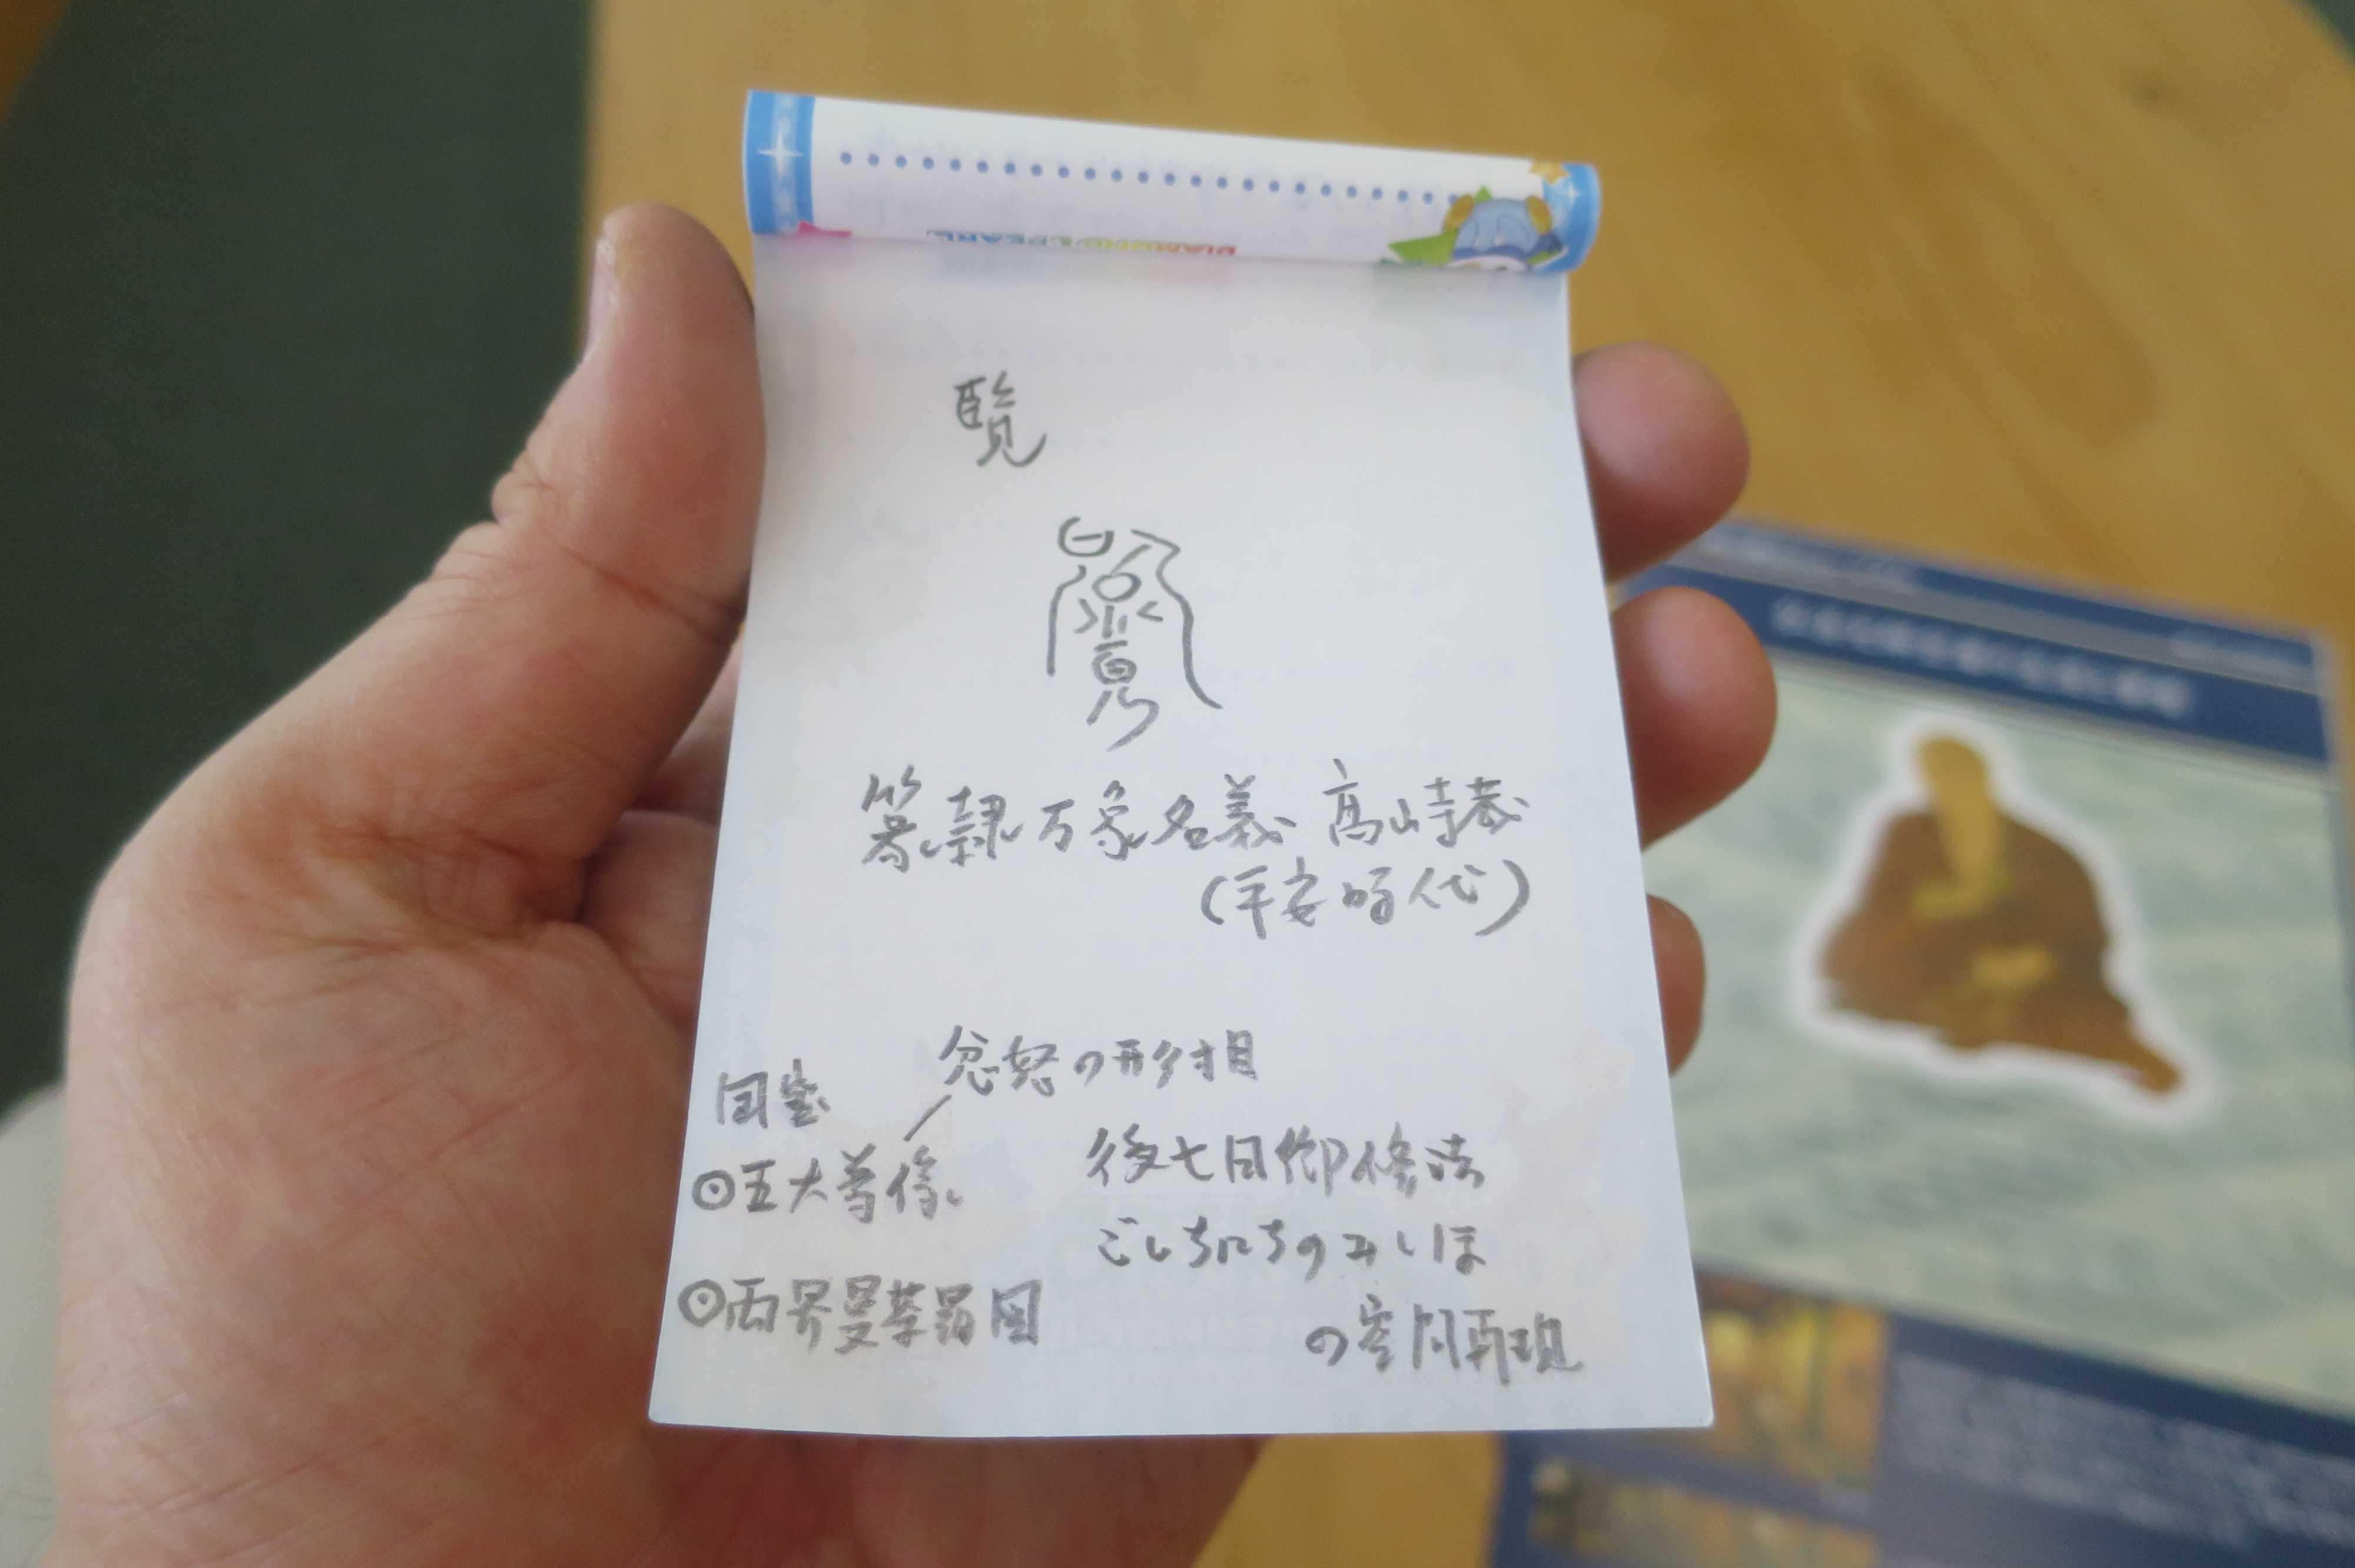 「弘法大師空海の生涯と事績」のメモ